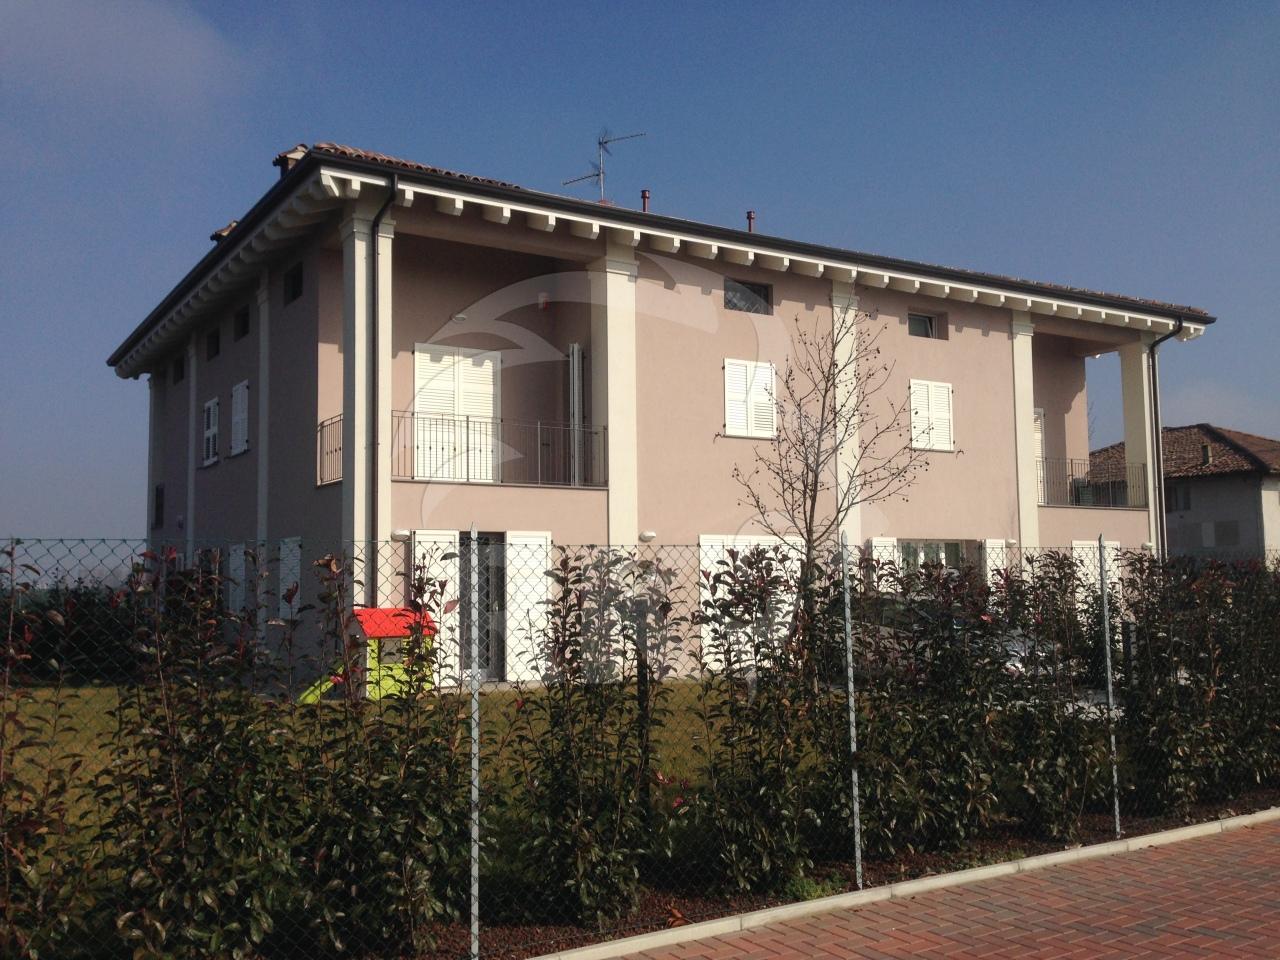 Casa san giorgio di piano appartamenti e case in vendita for Registro casa piani in vendita